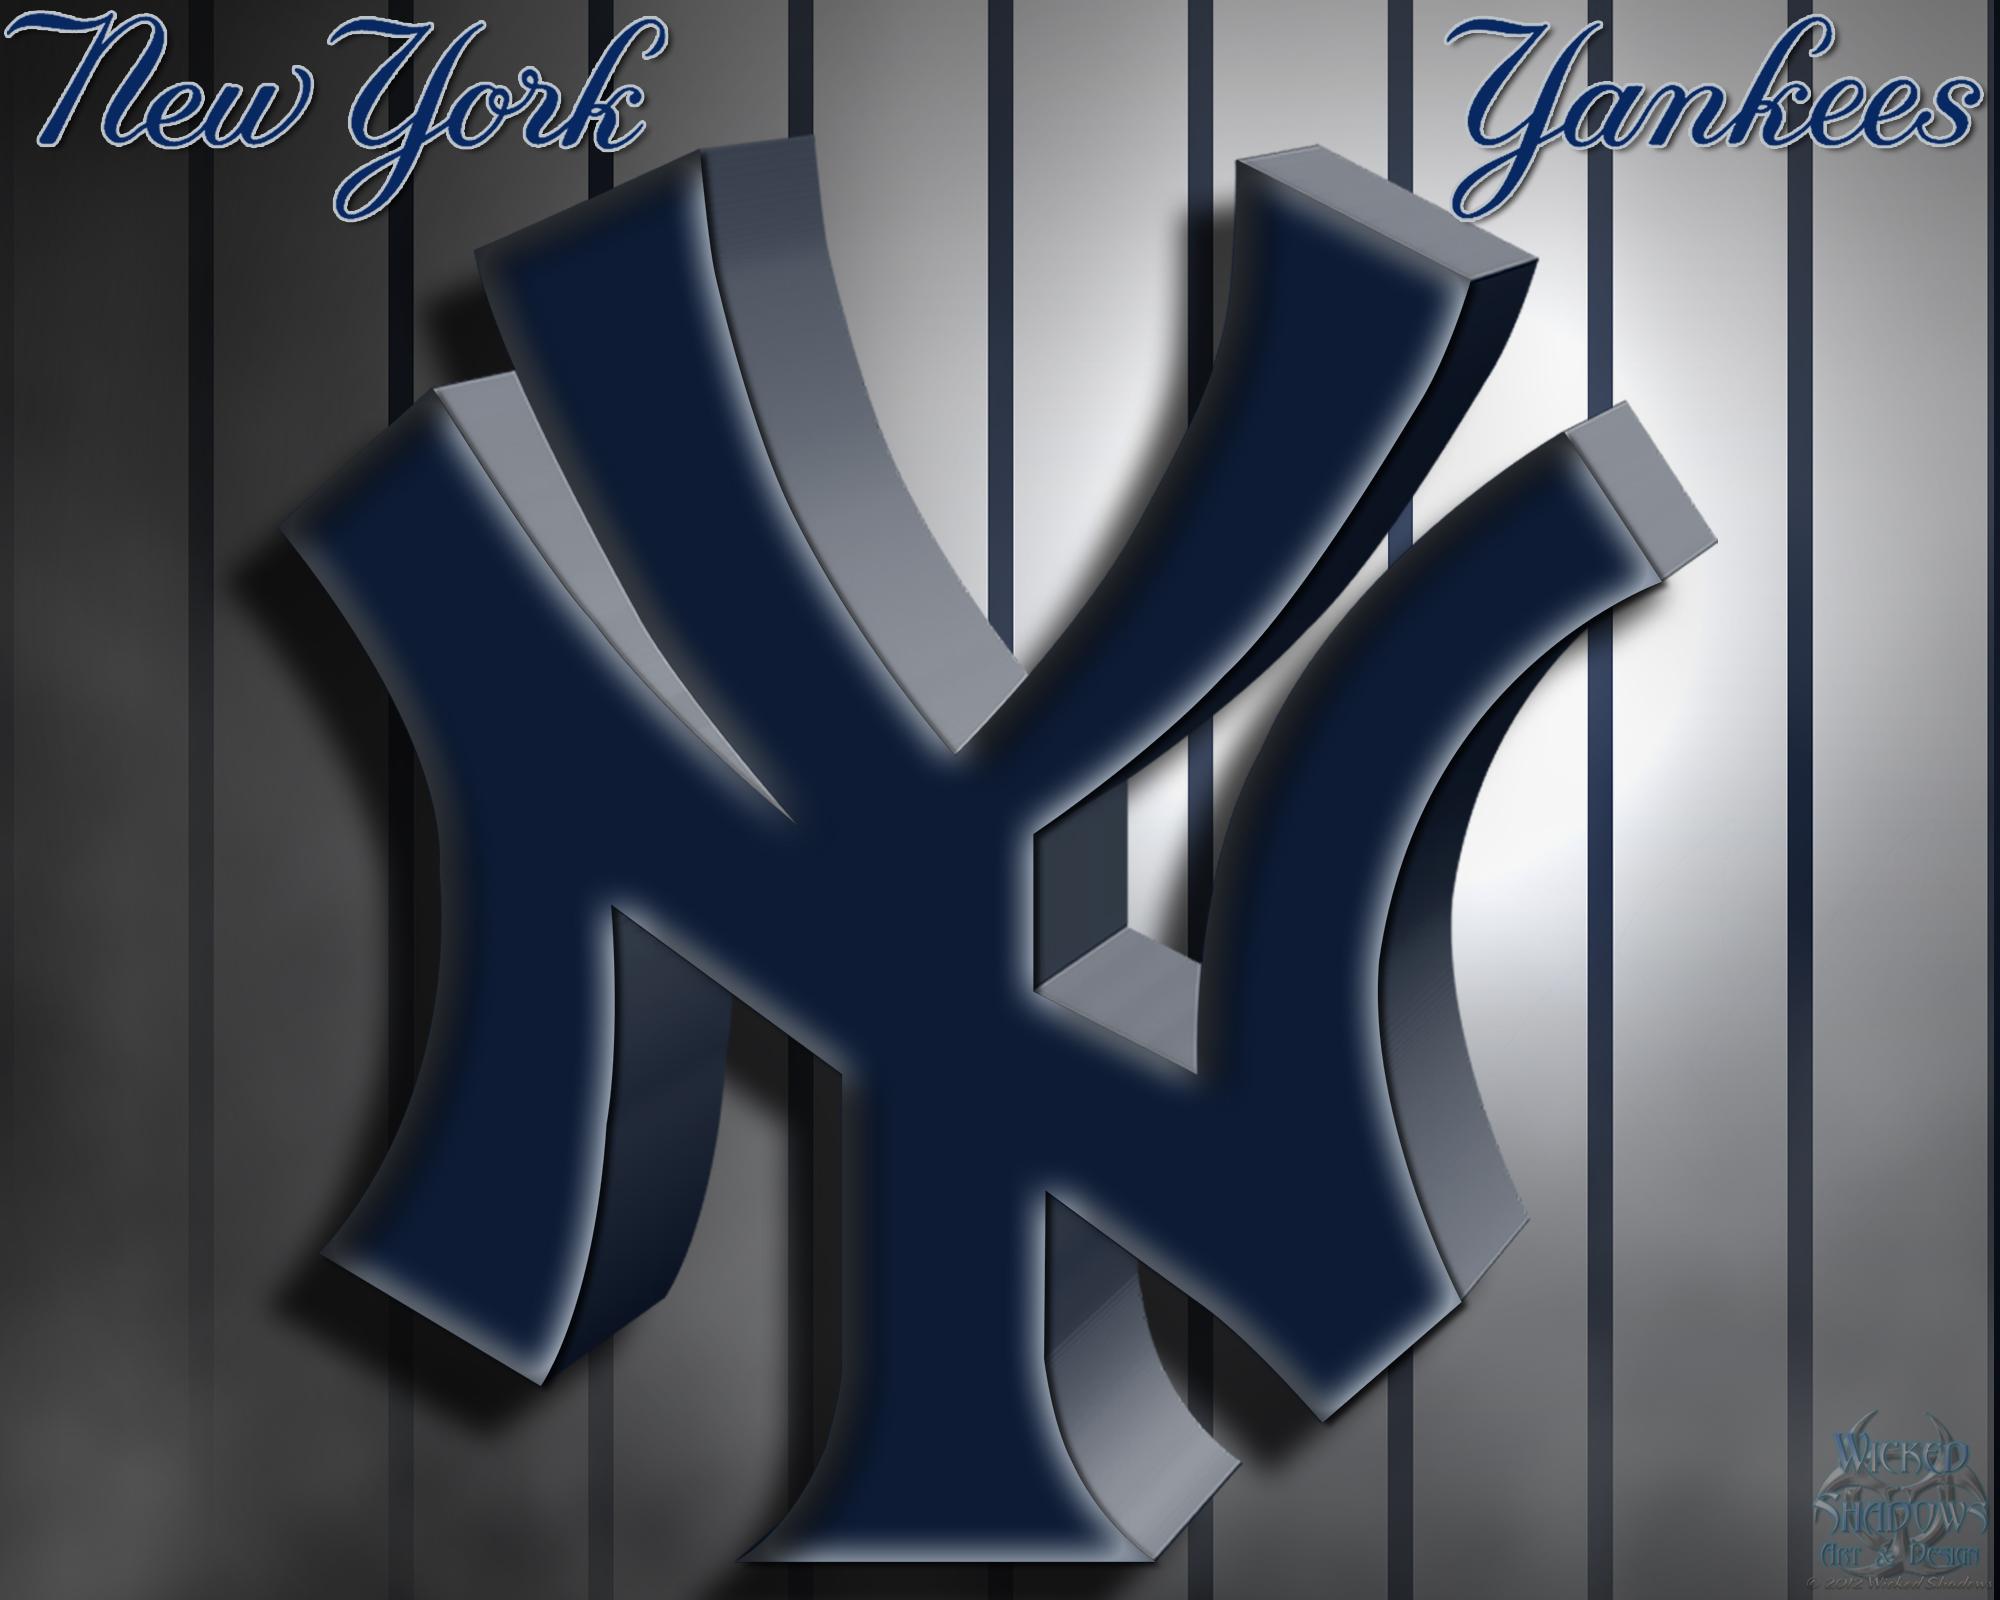 New York Logo Wallpaper Facebook Cover Photo